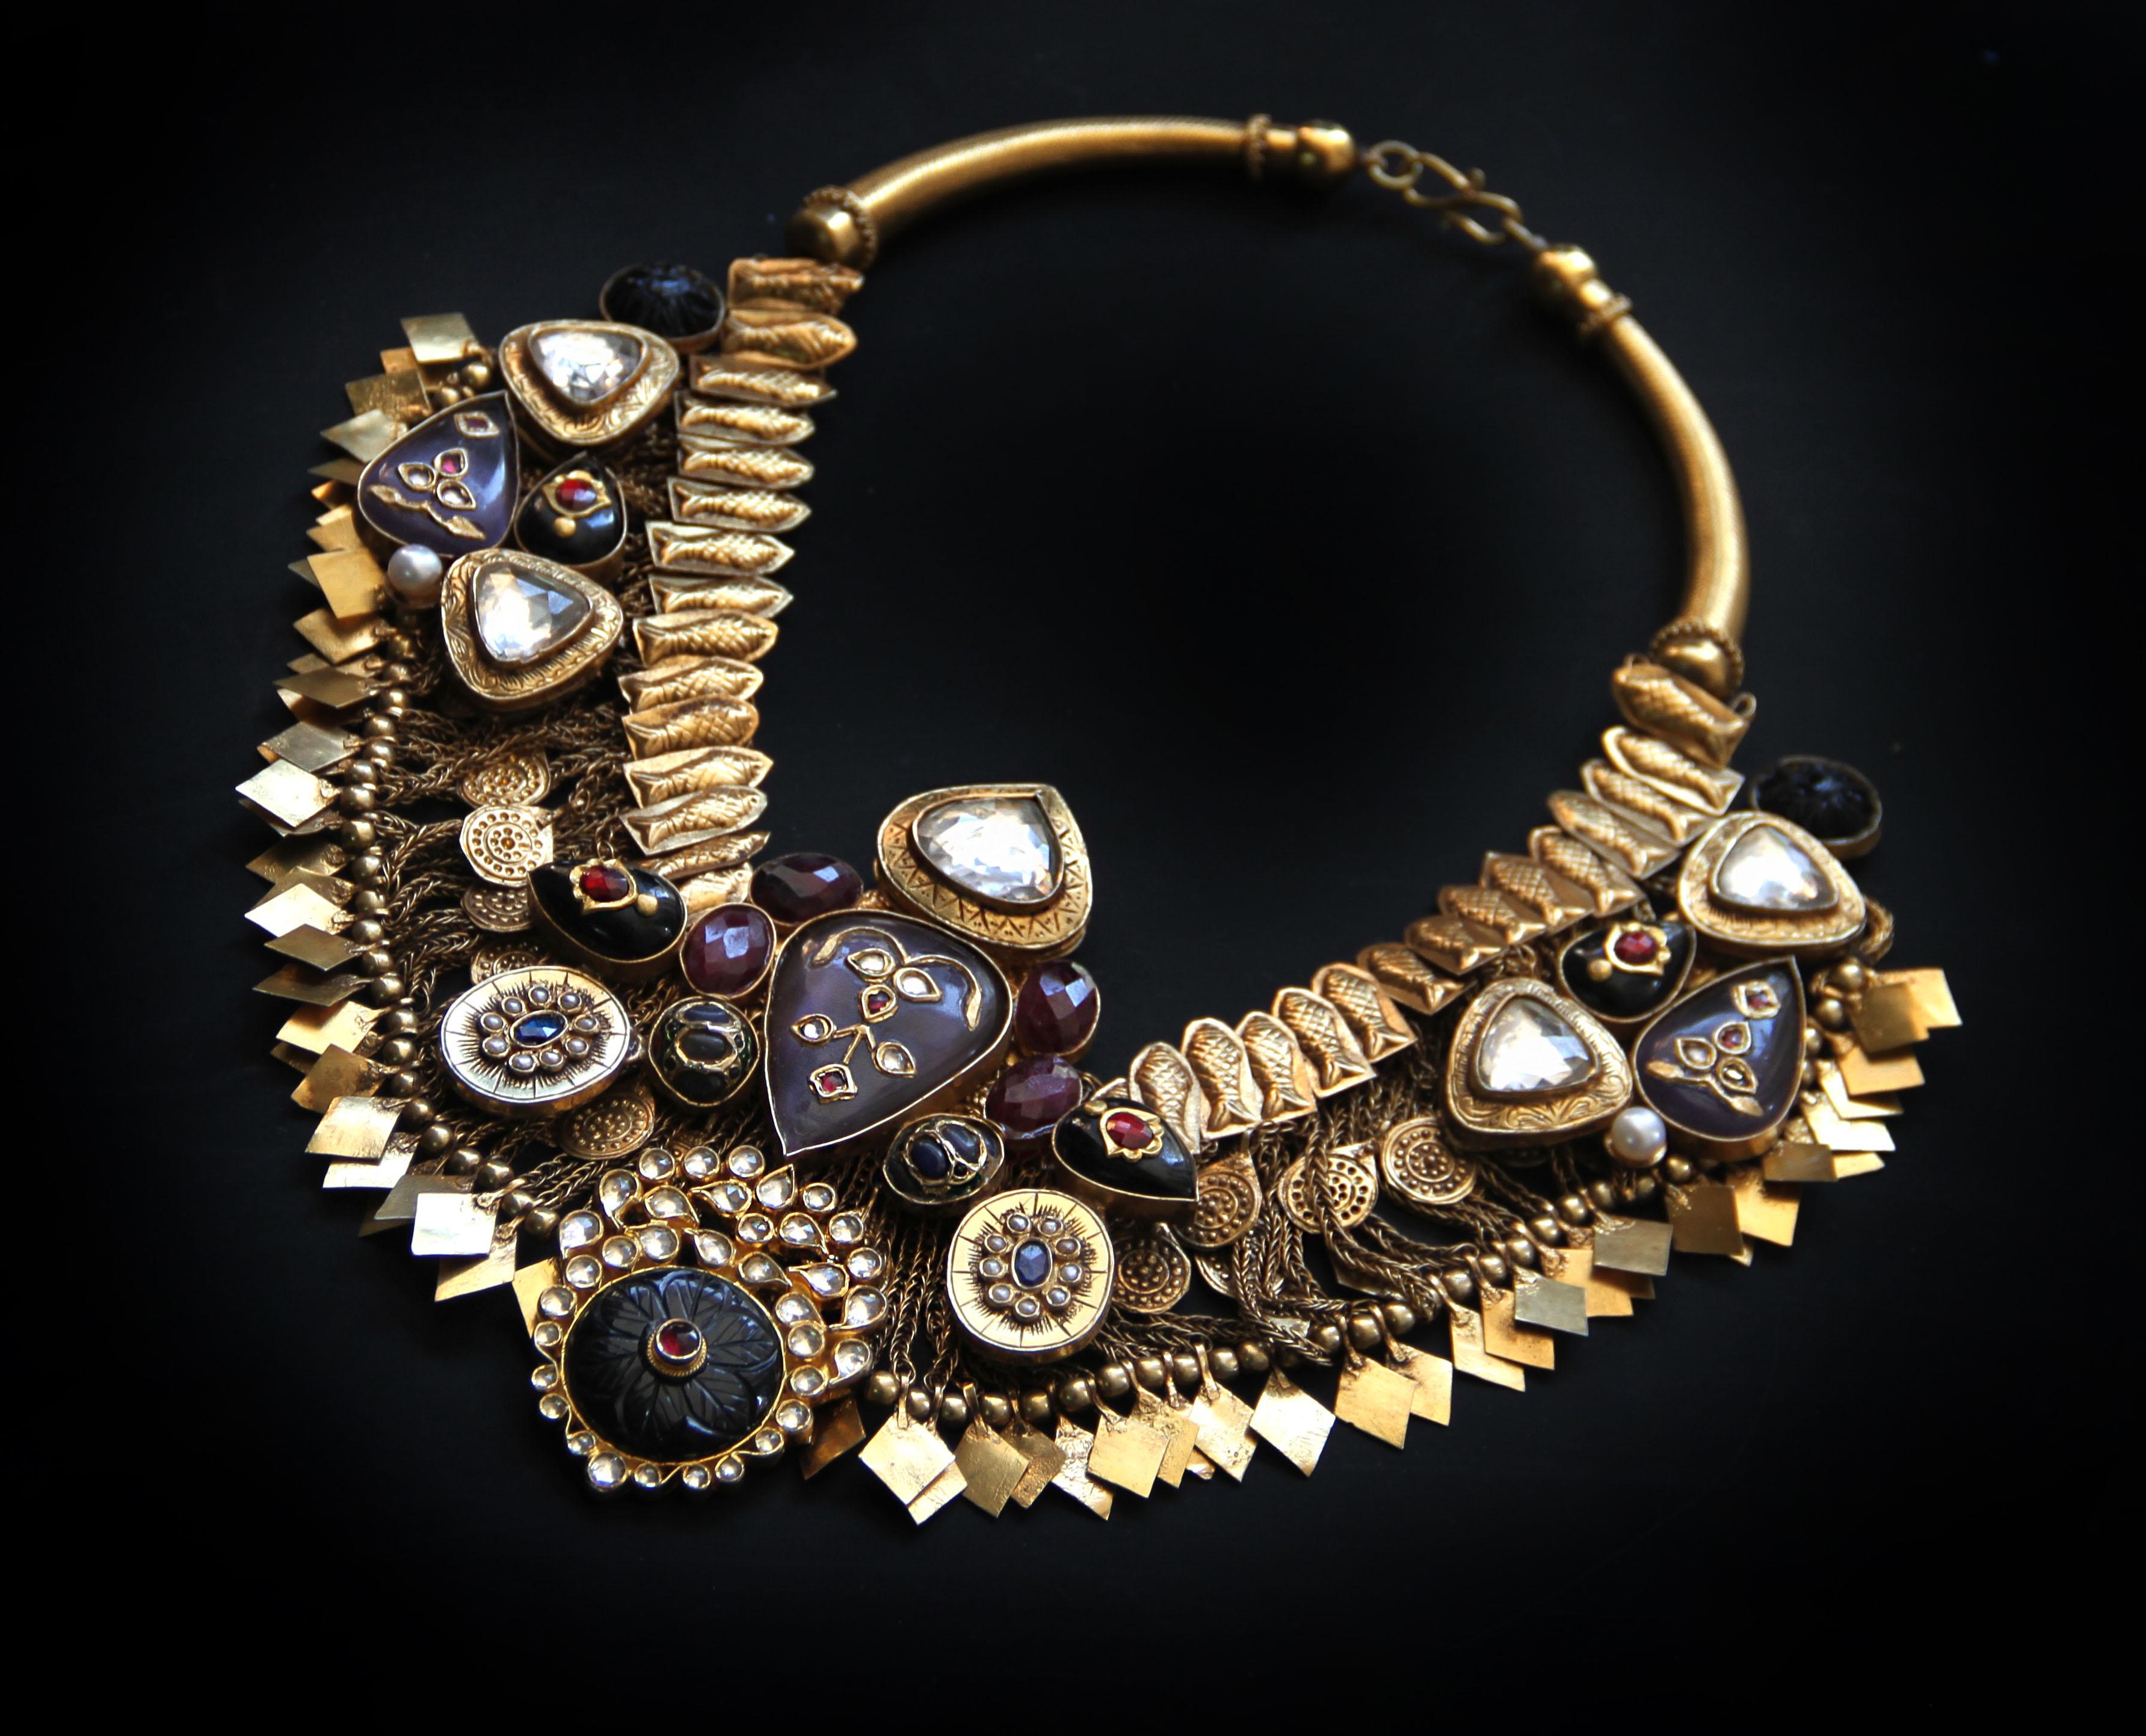 Cosmic Celeberation Necklace Img 0527